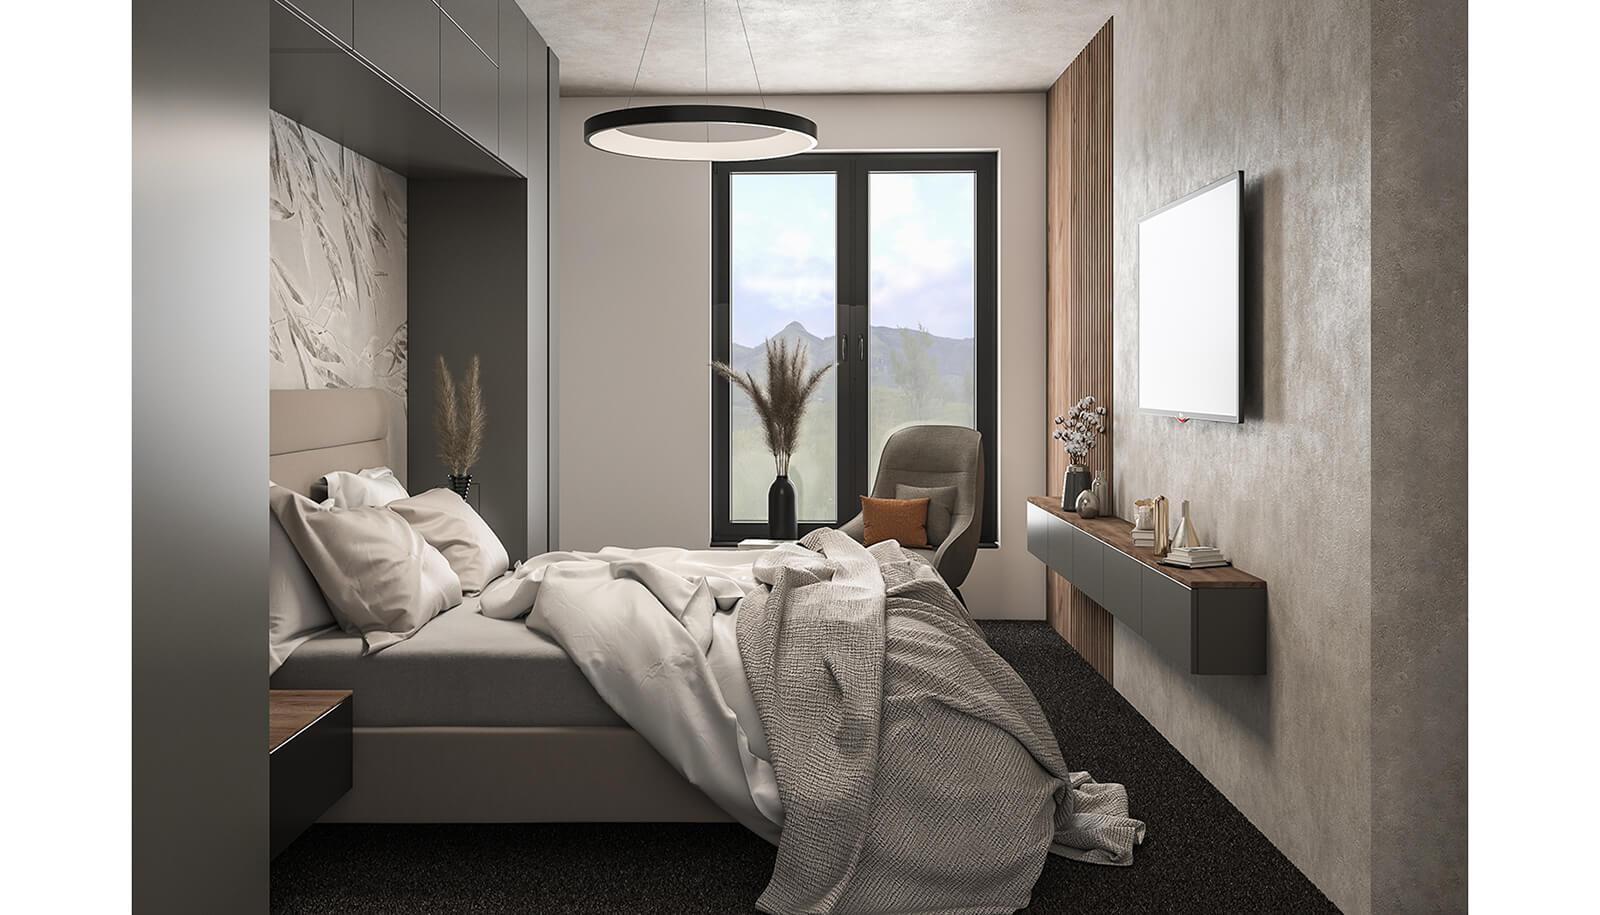 interioren-dizain-proekt-na-spalnya-verde-by-esteta